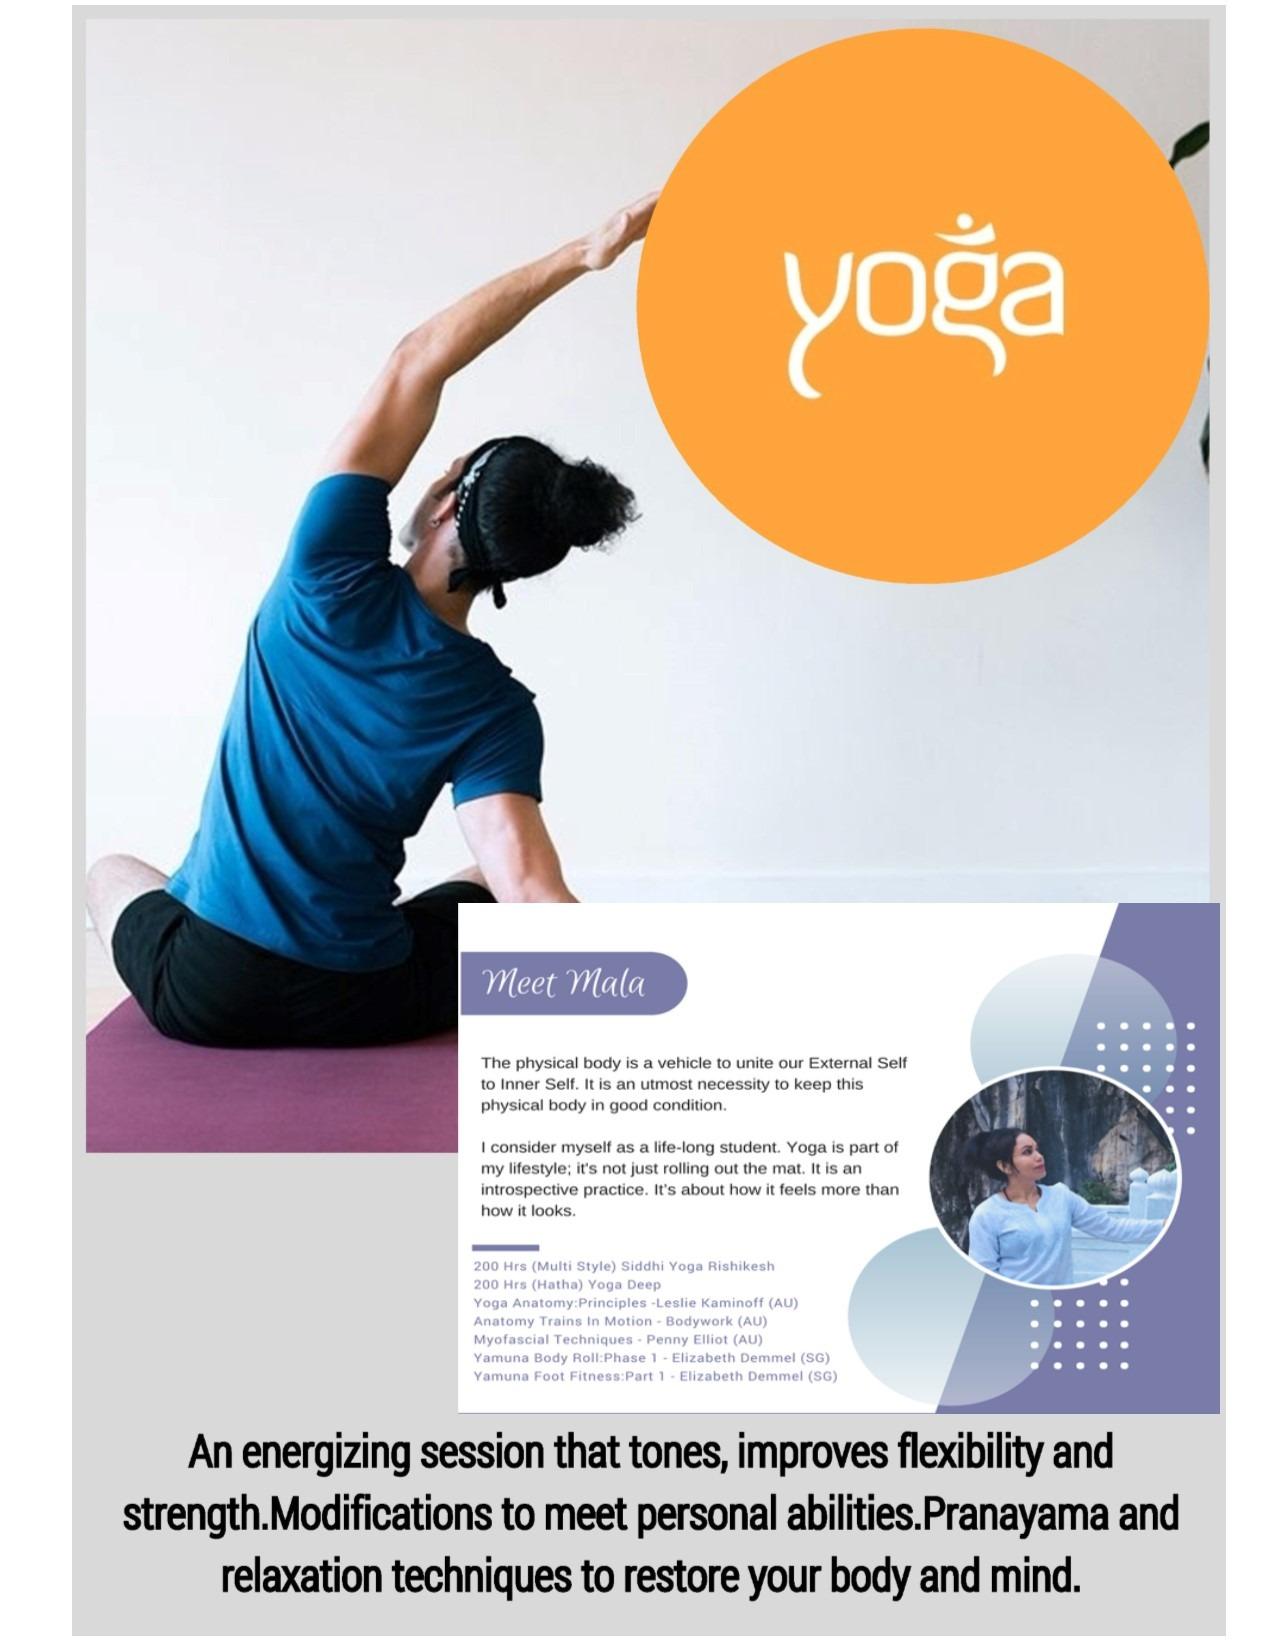 yoga-with-mala